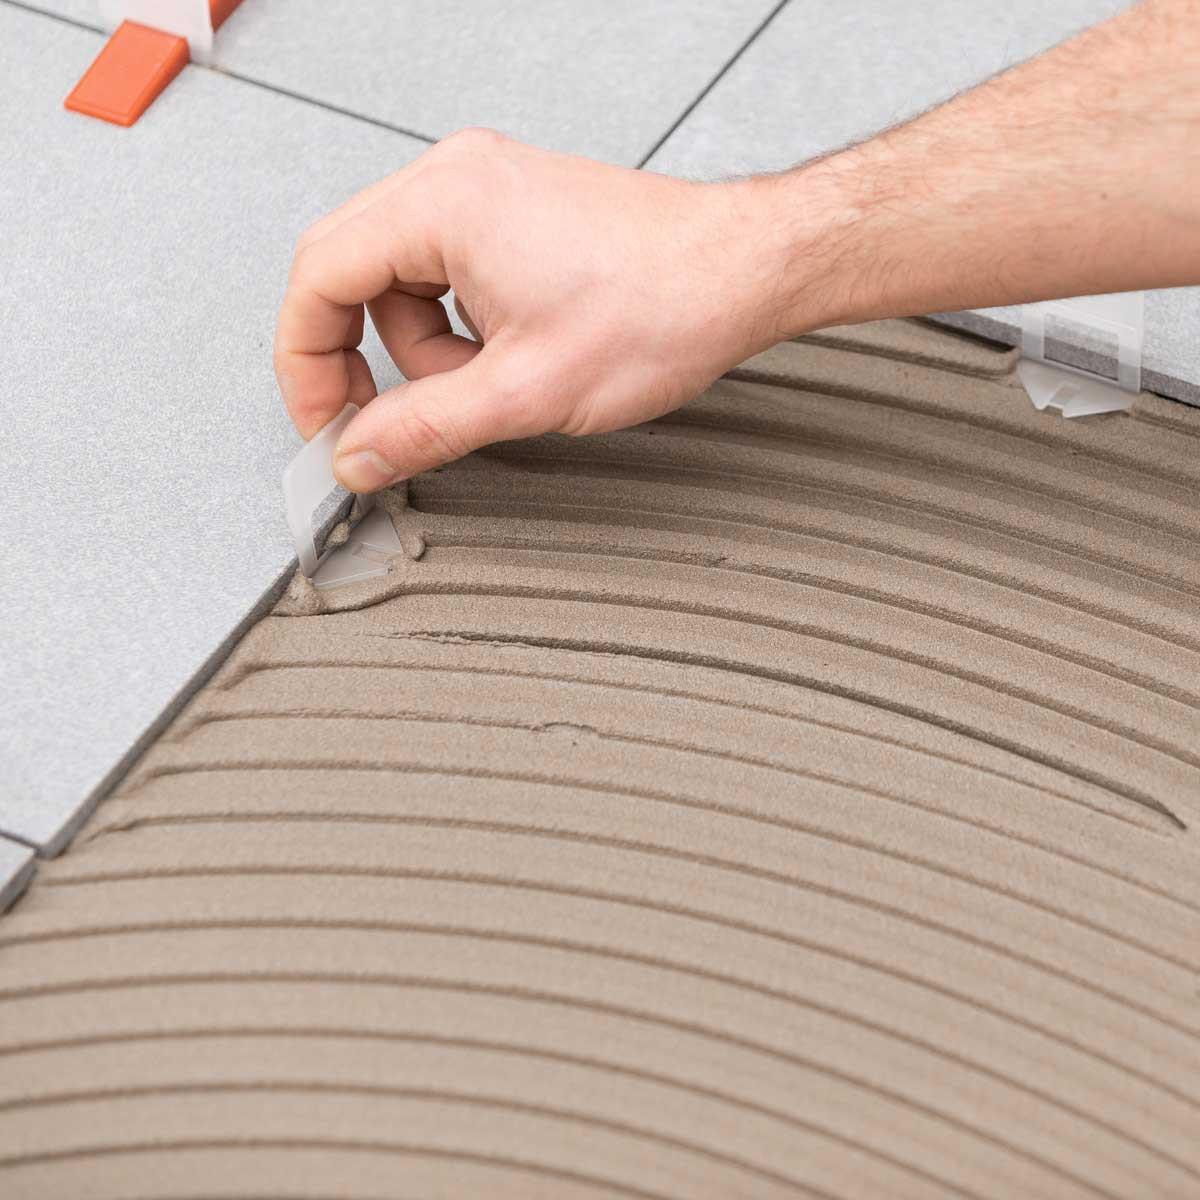 raimondi RLS clear clip tile leveling mortar setting